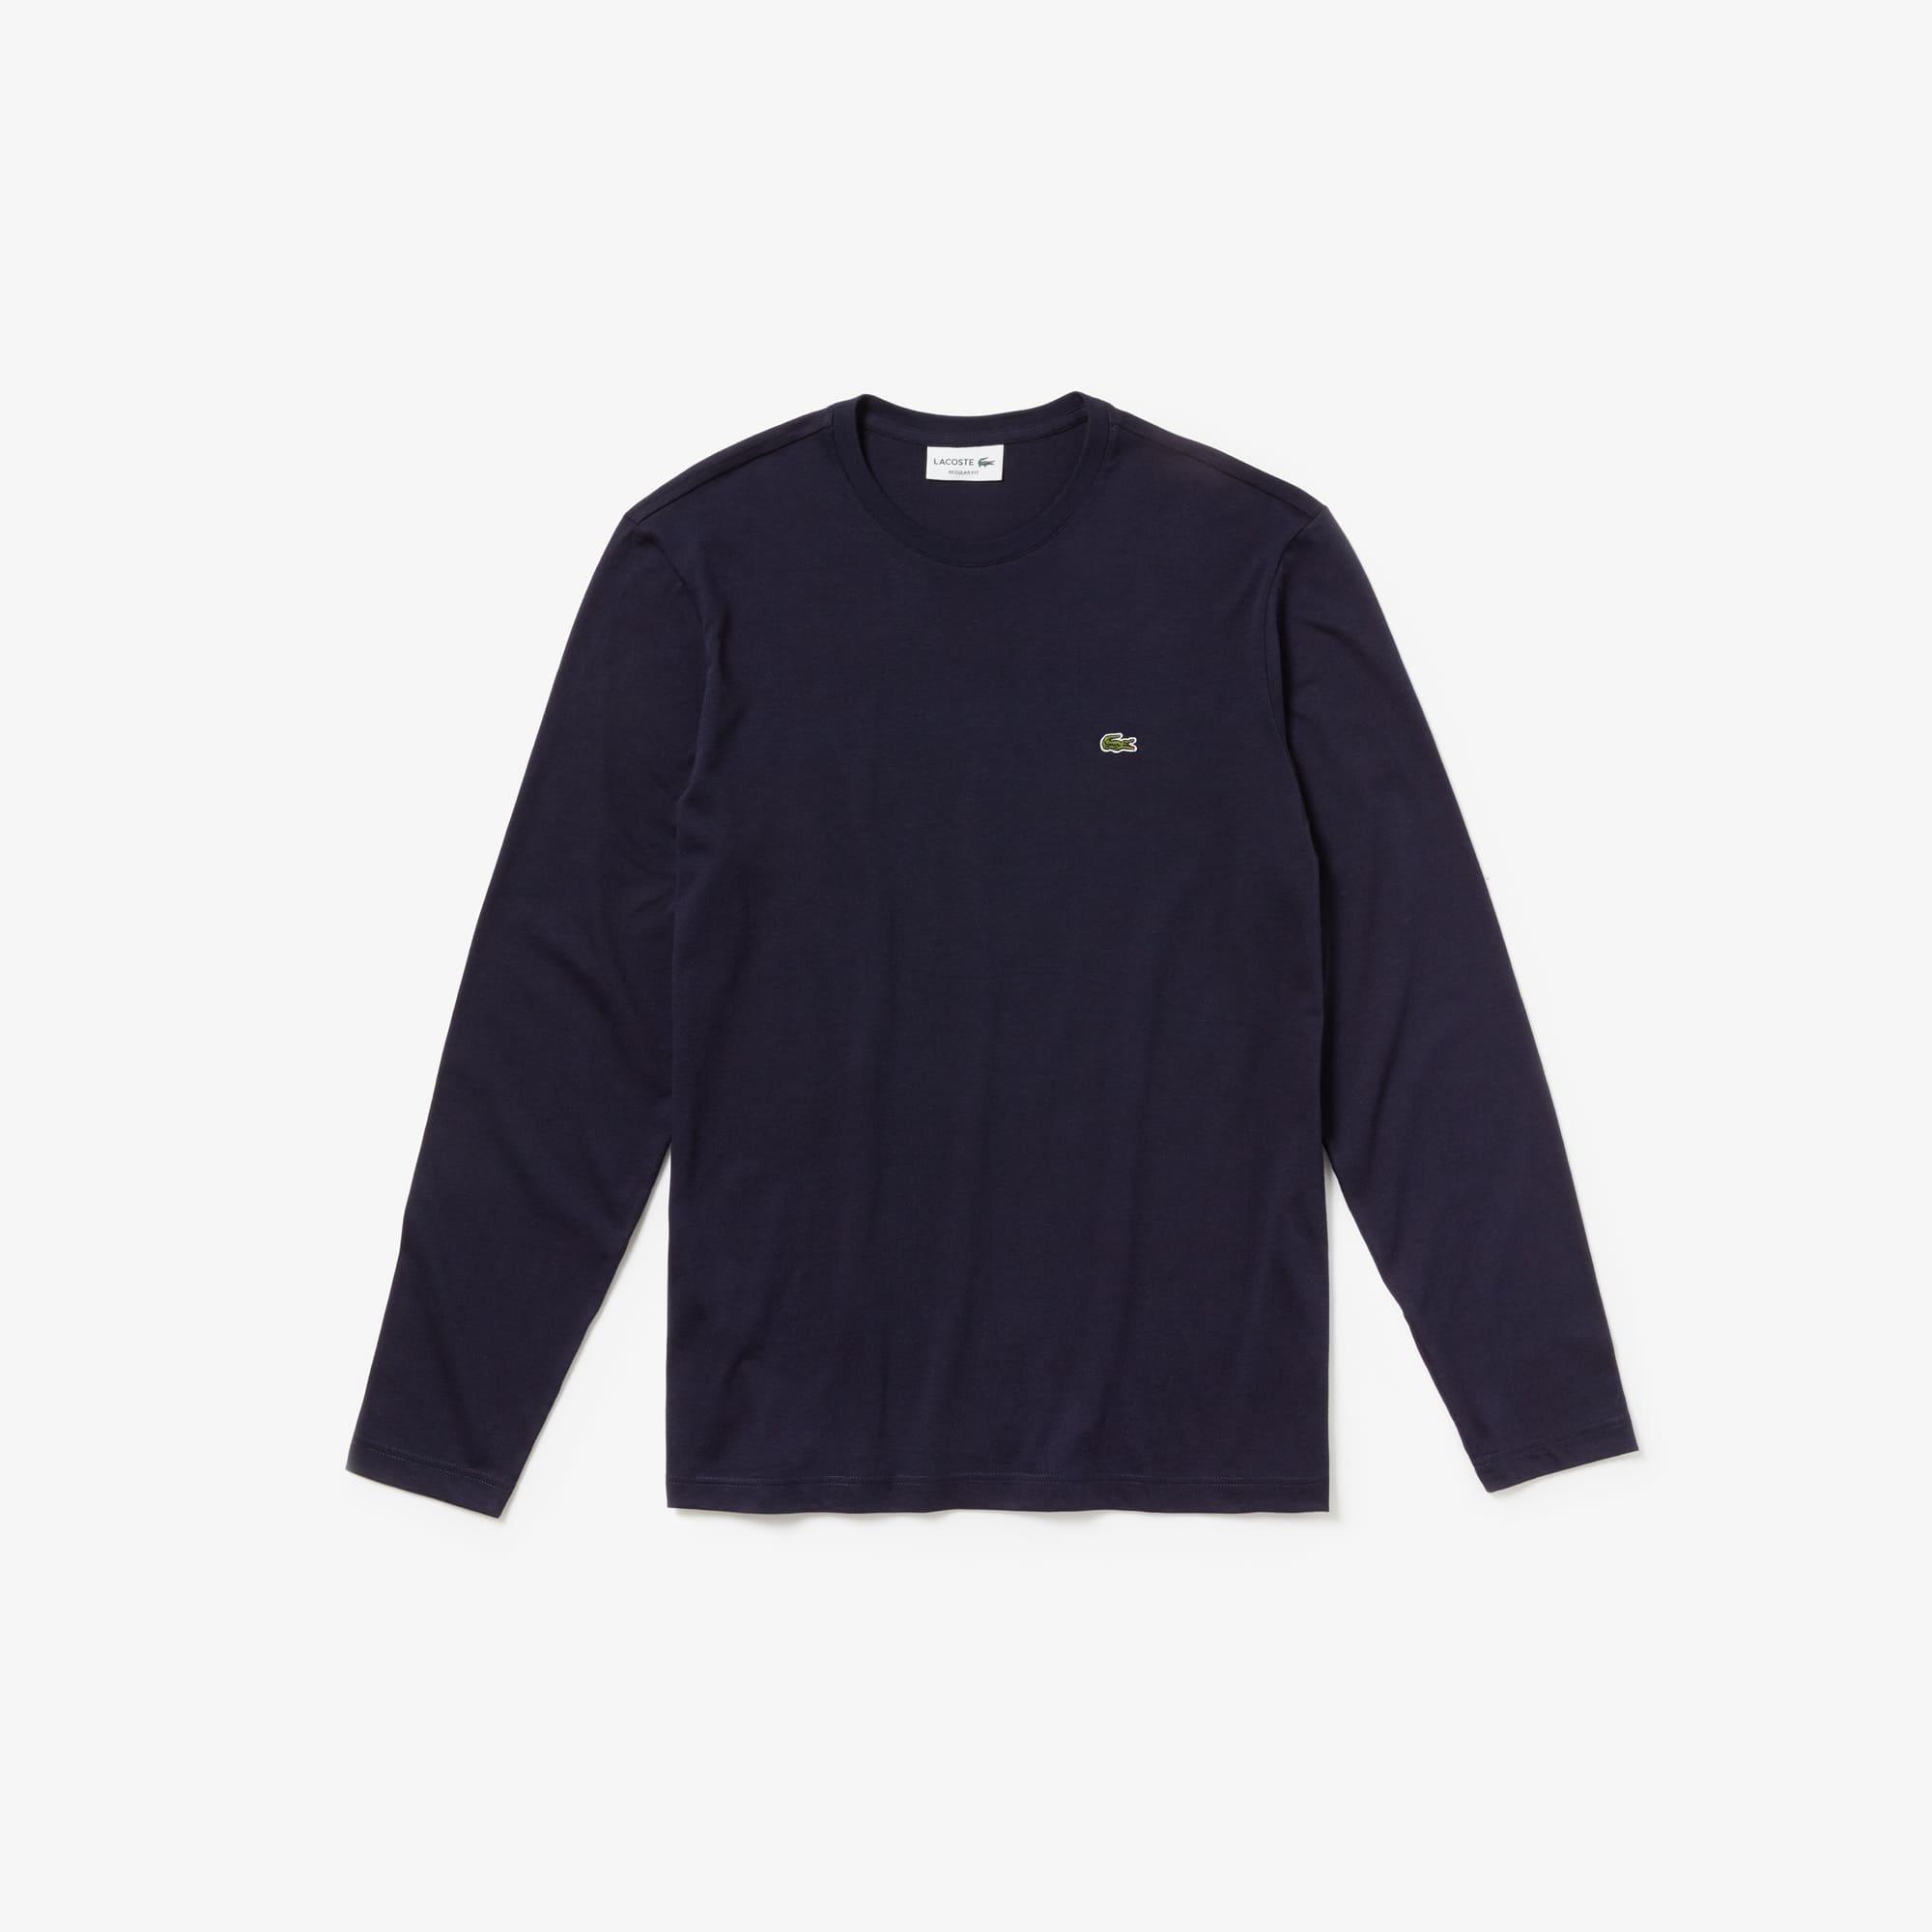 Herren-T-Shirt aus Baumwolljersey mit V-Ausschnitt